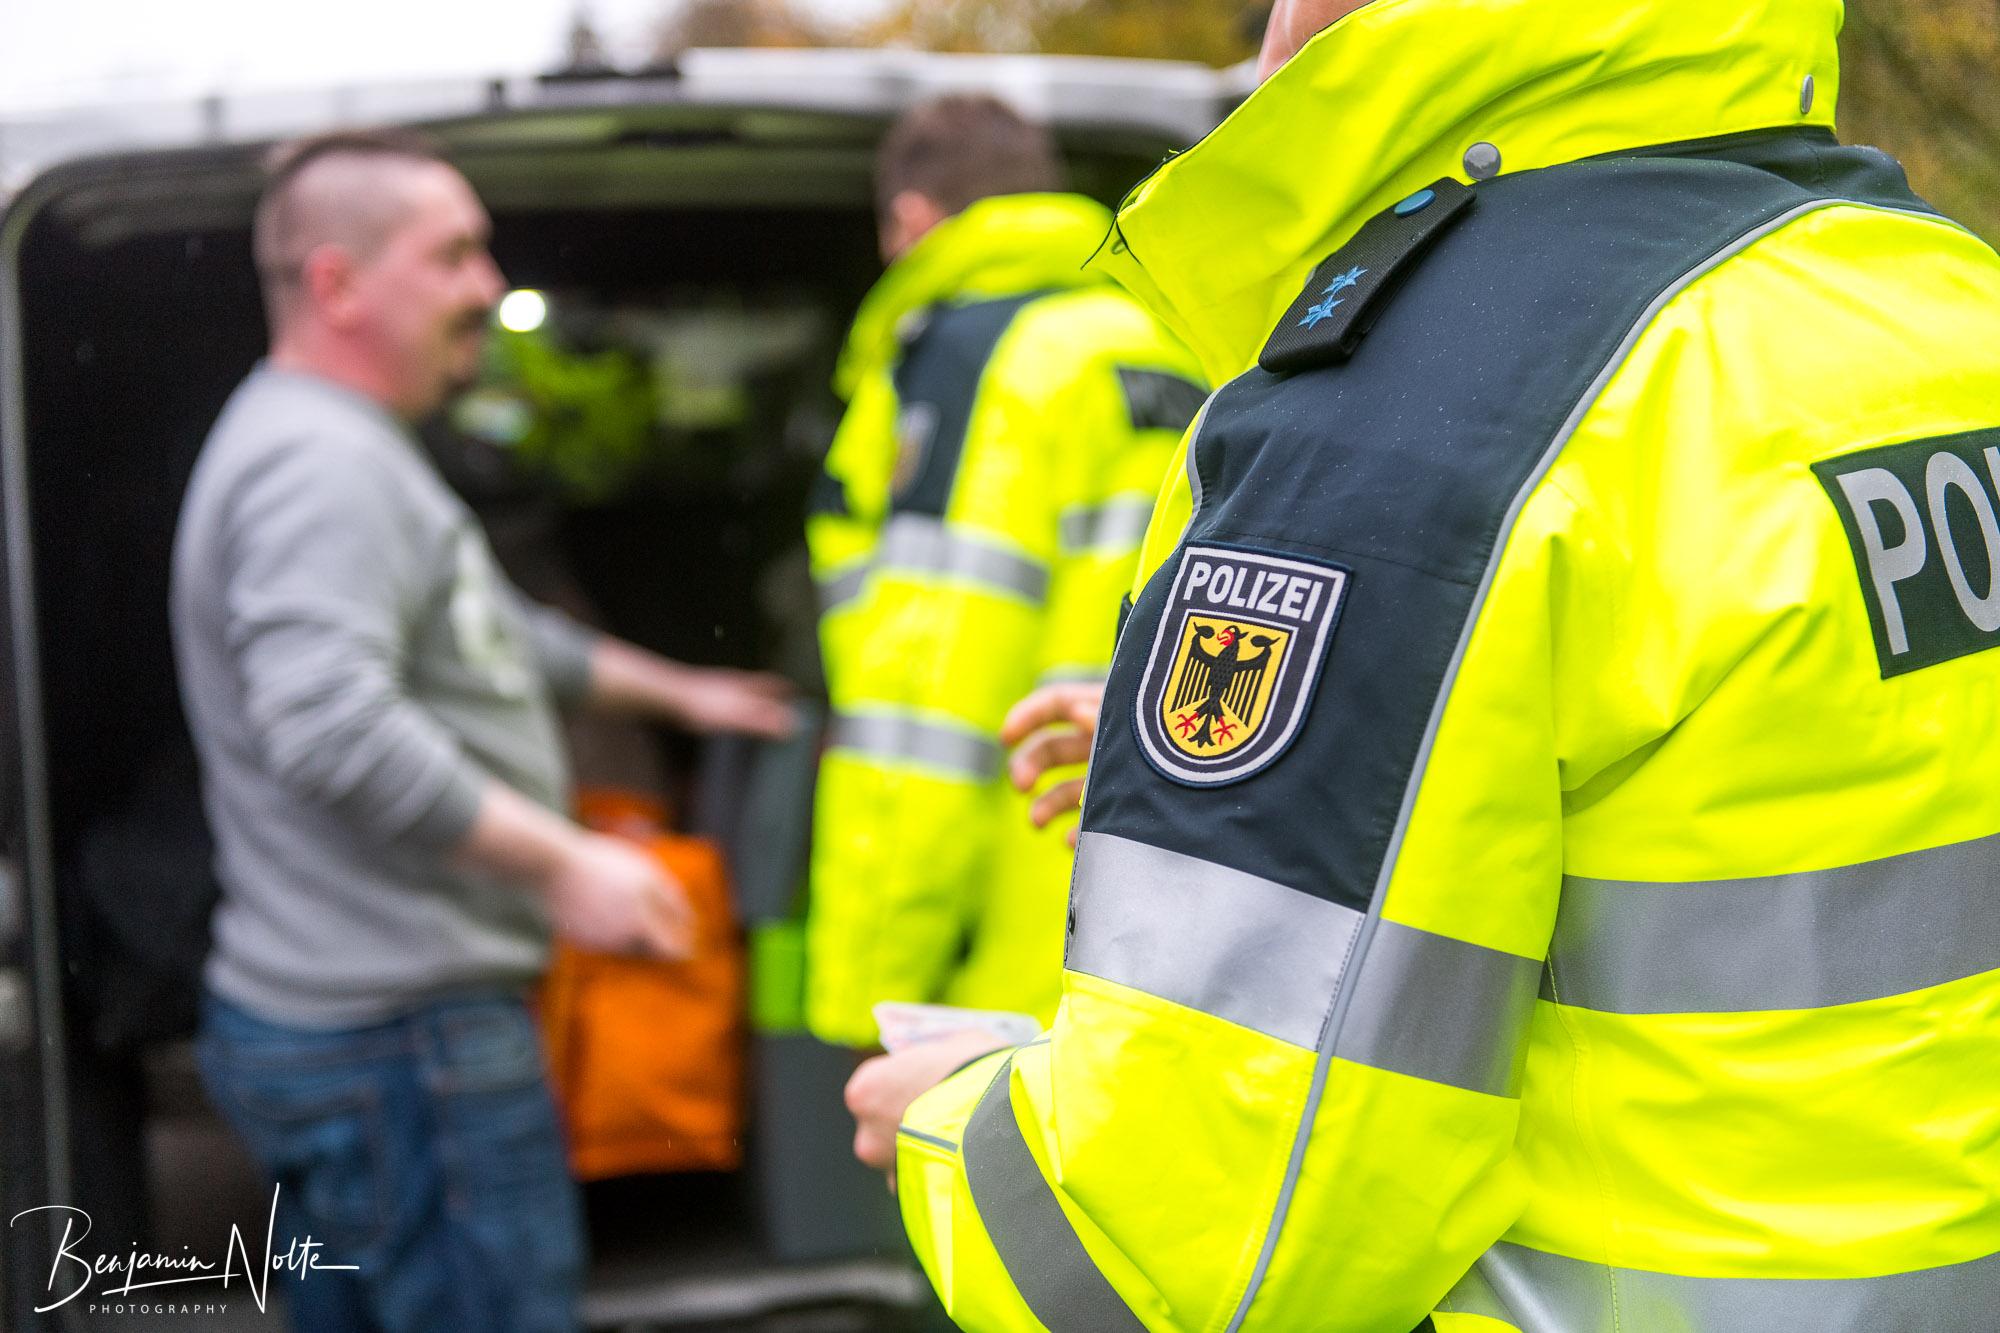 Bundespolizei_Flensburg_019